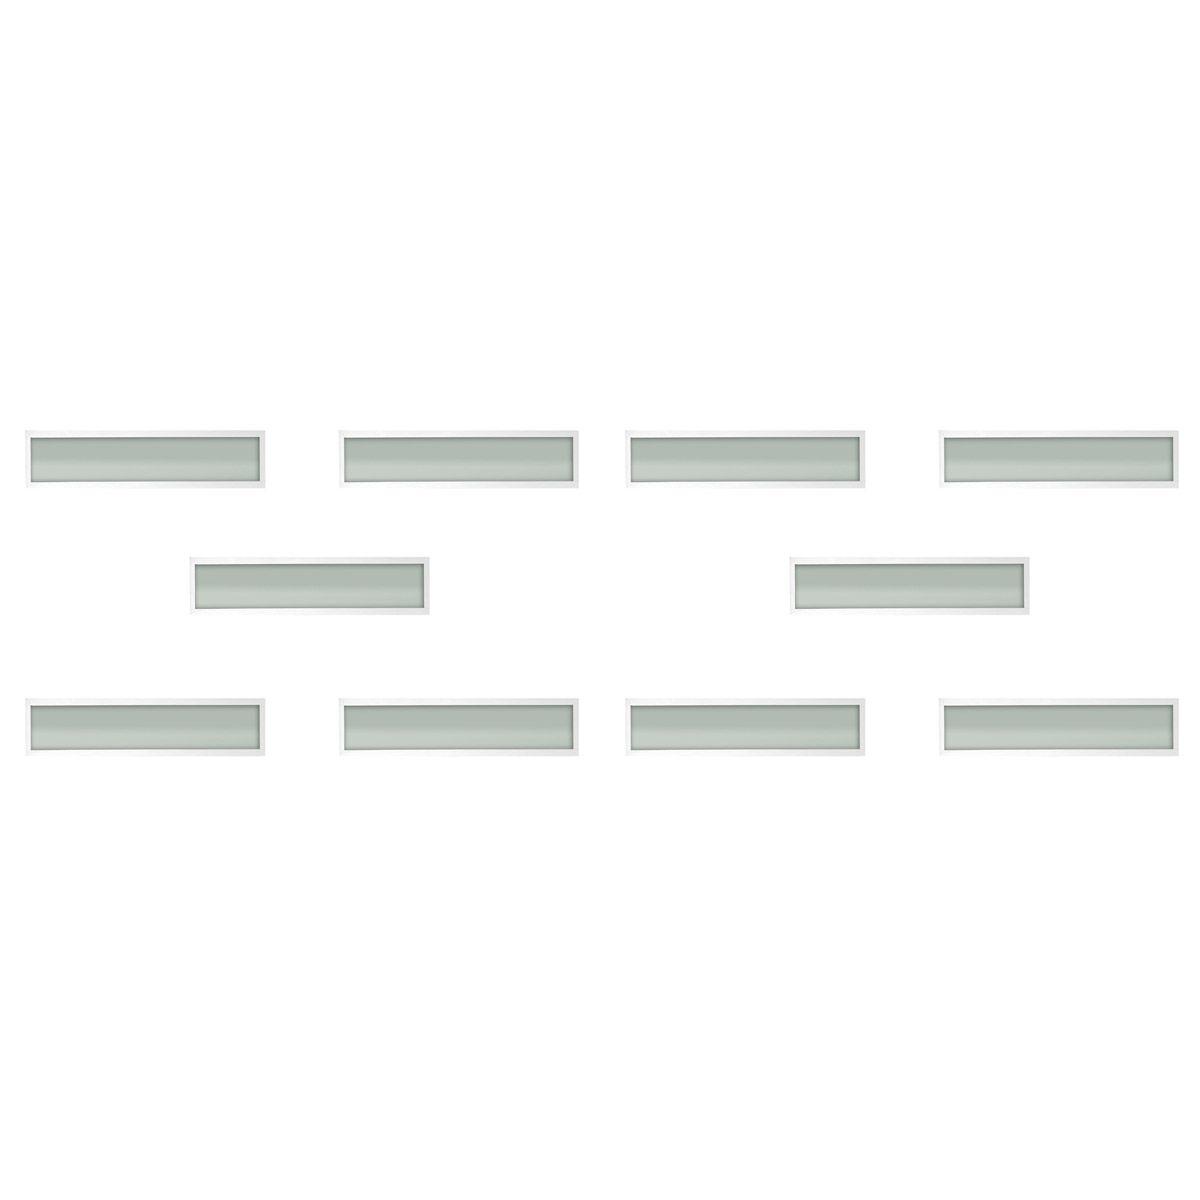 Plafon Space Emb. Ret. 135cm Alum. Vidro Fosco 2x40w Fluor.  Branco 10 Unidades